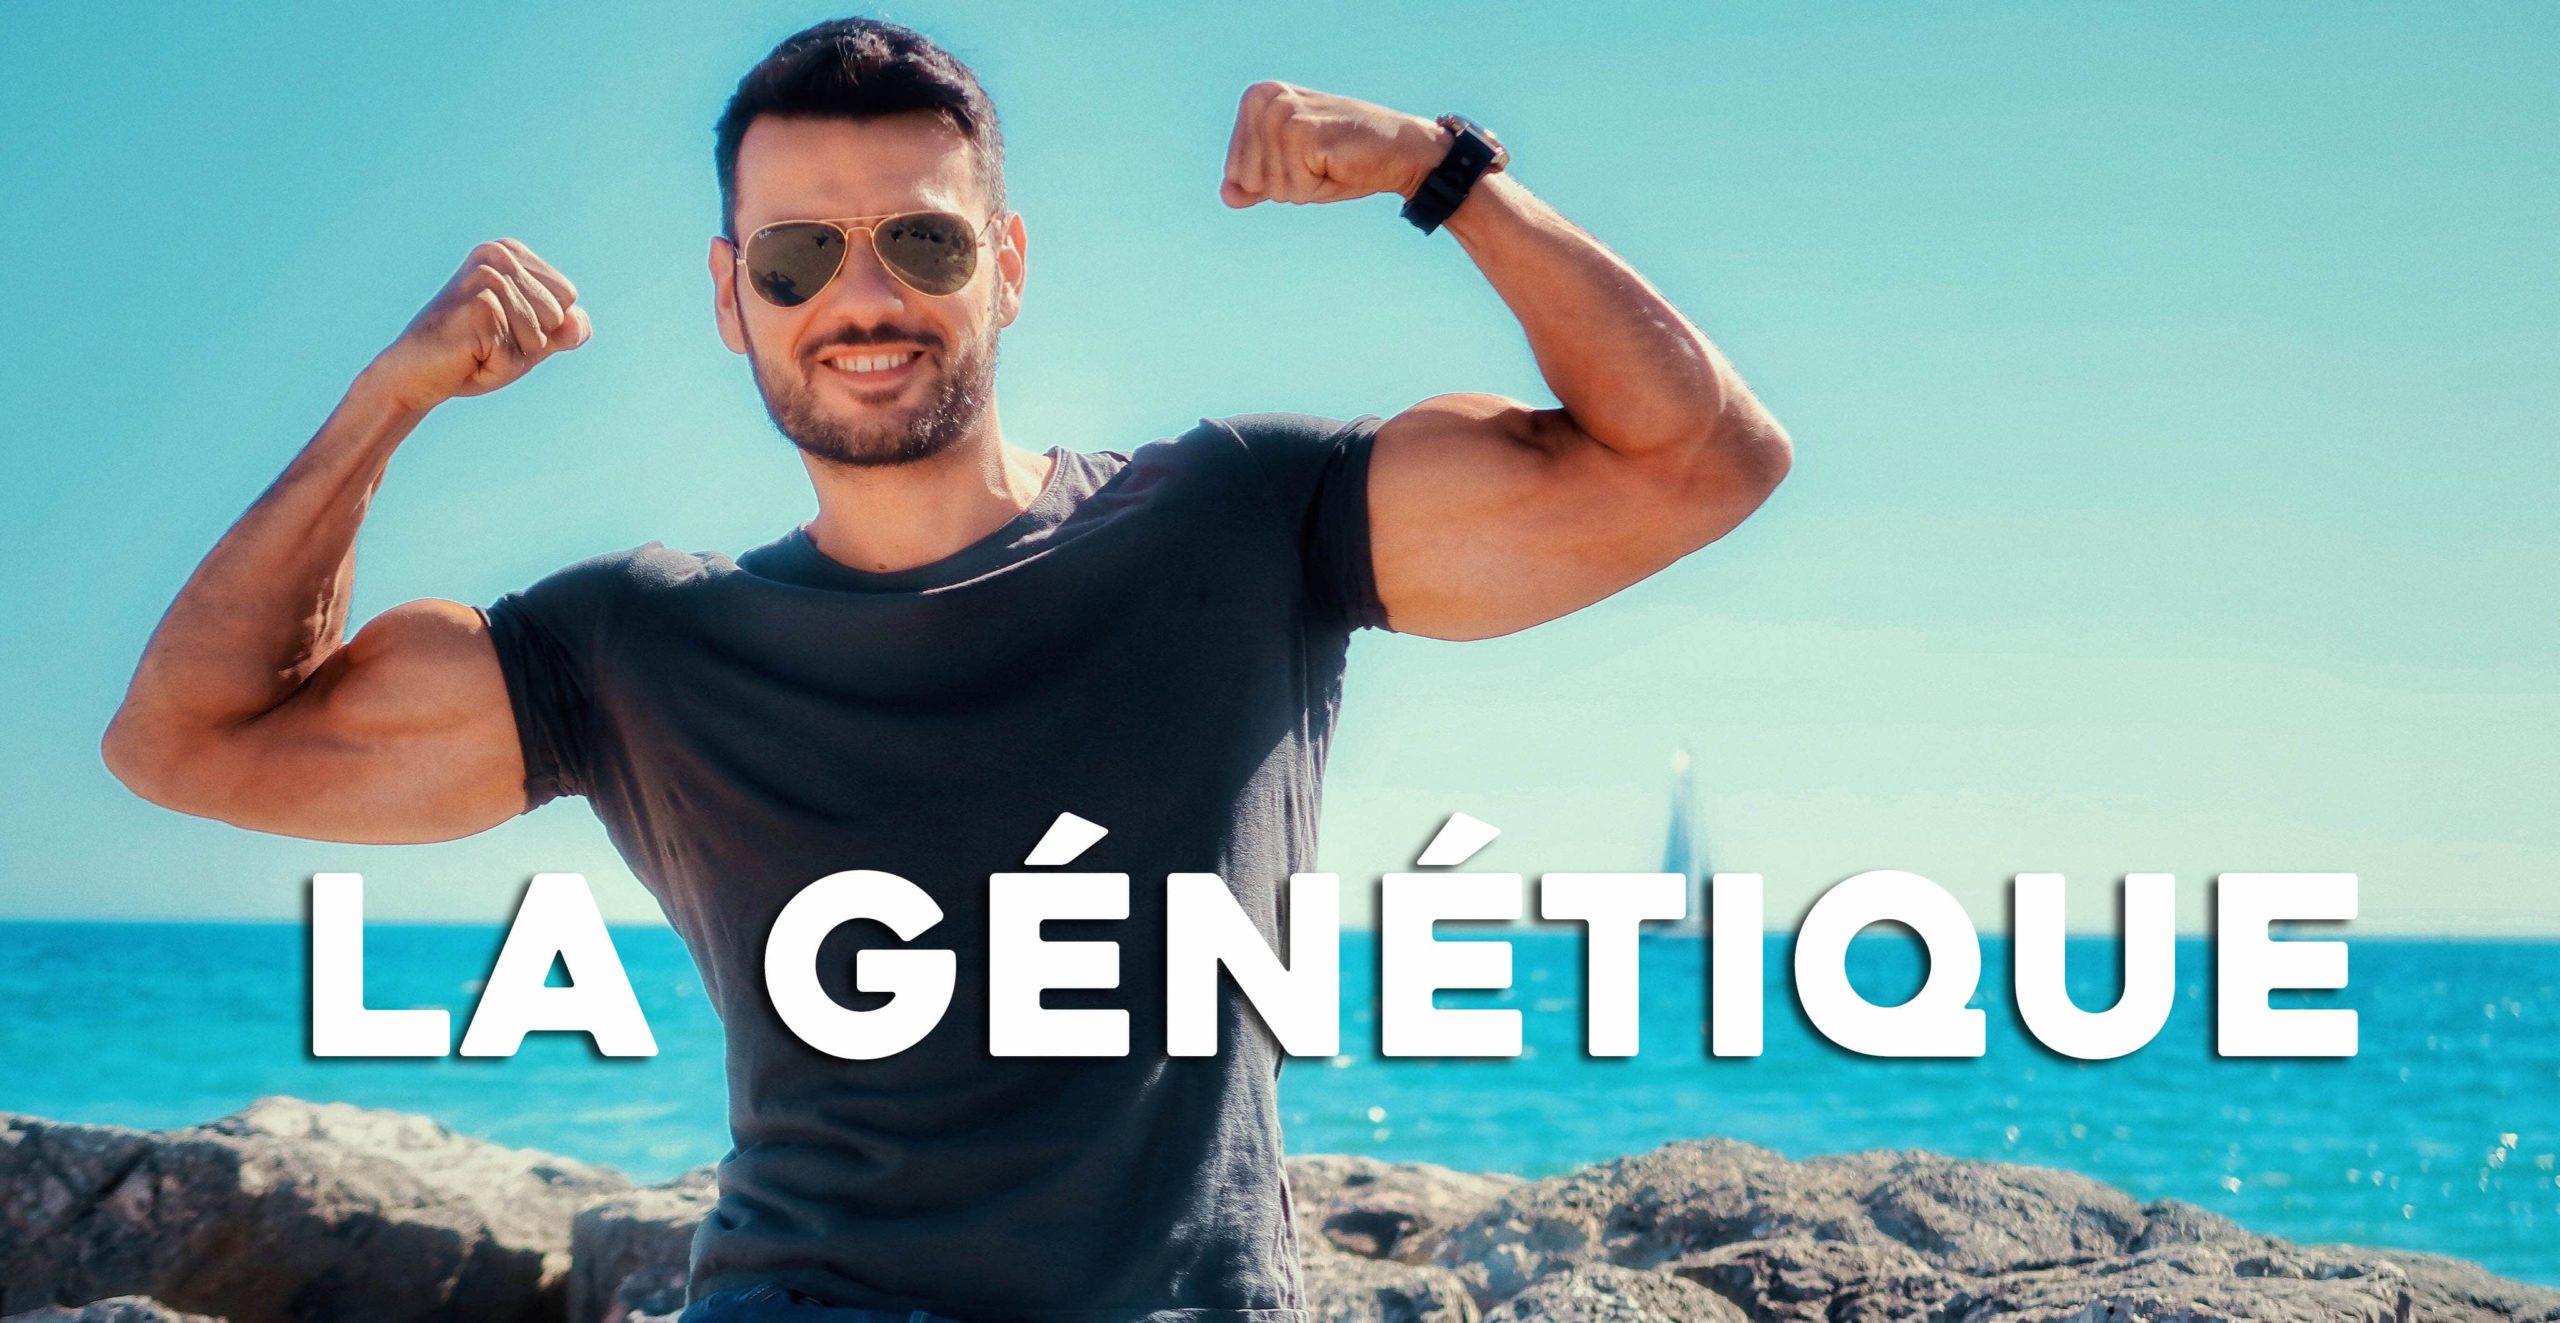 ? La génétique est-elle vraiment si importante ?